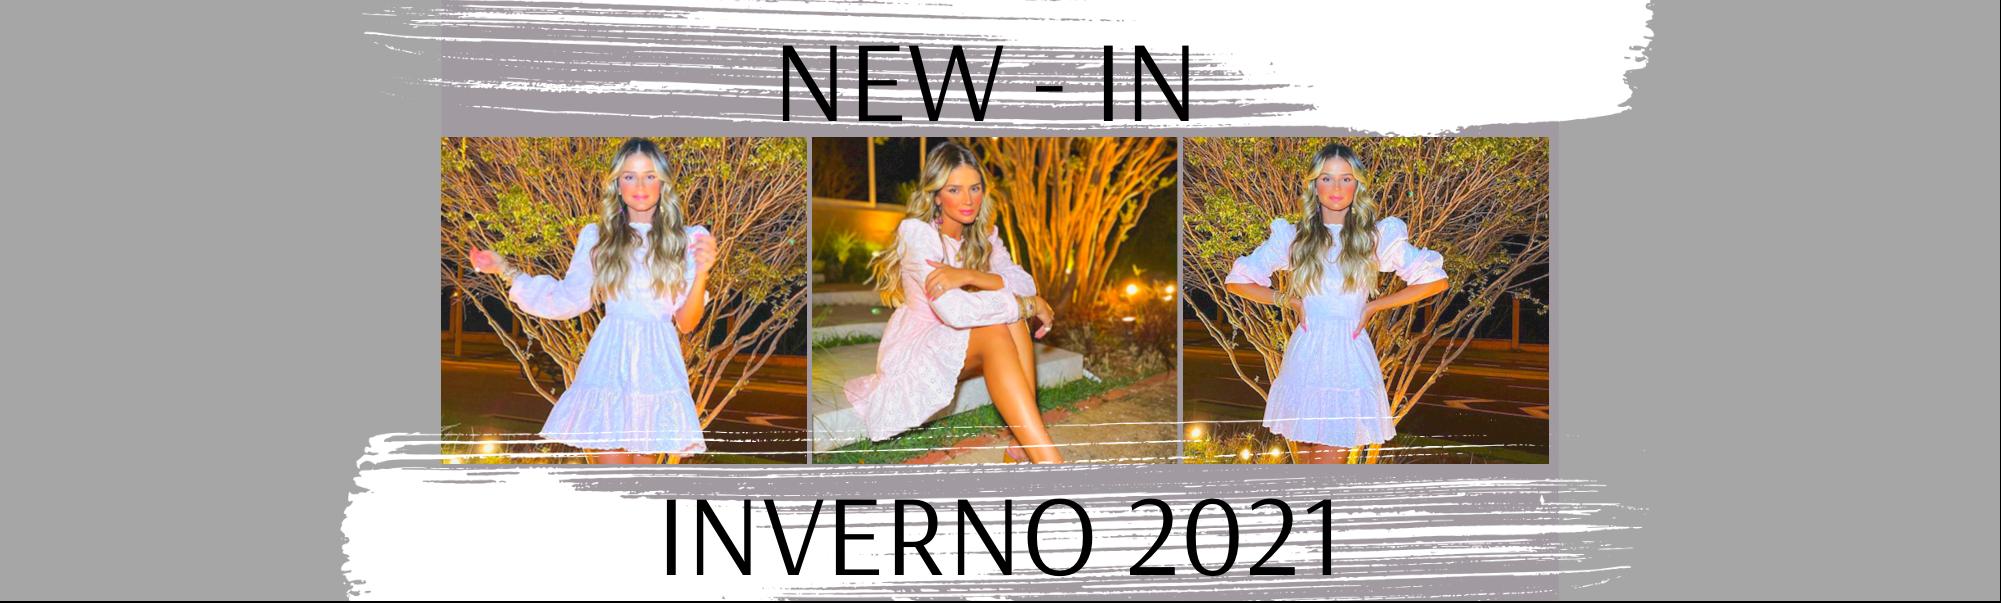 #NewInverno2021